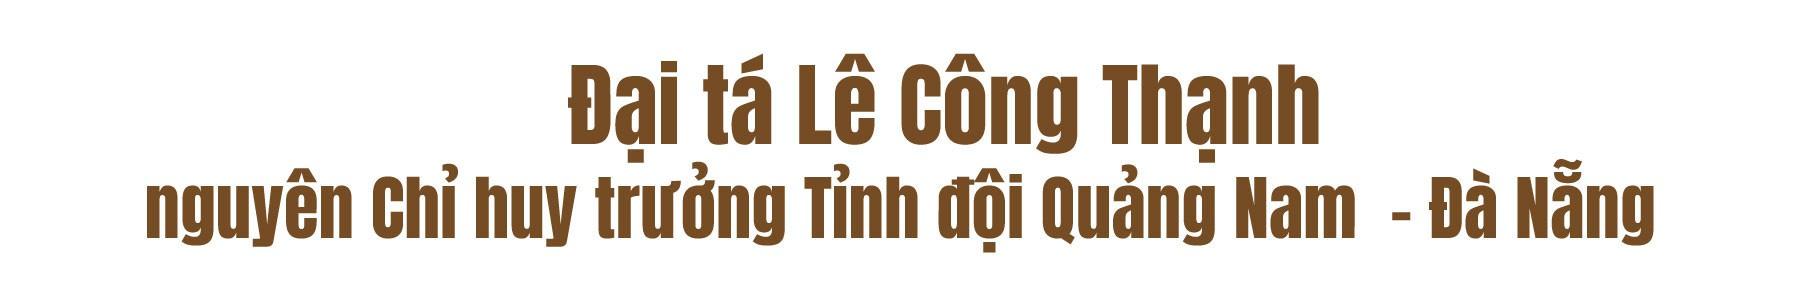 """[eMagazine] Tướng về hưu Đà Nẵng: Vũ """"nhôm"""" từng hăm dọa chủ tịch TP? - Ảnh 1."""